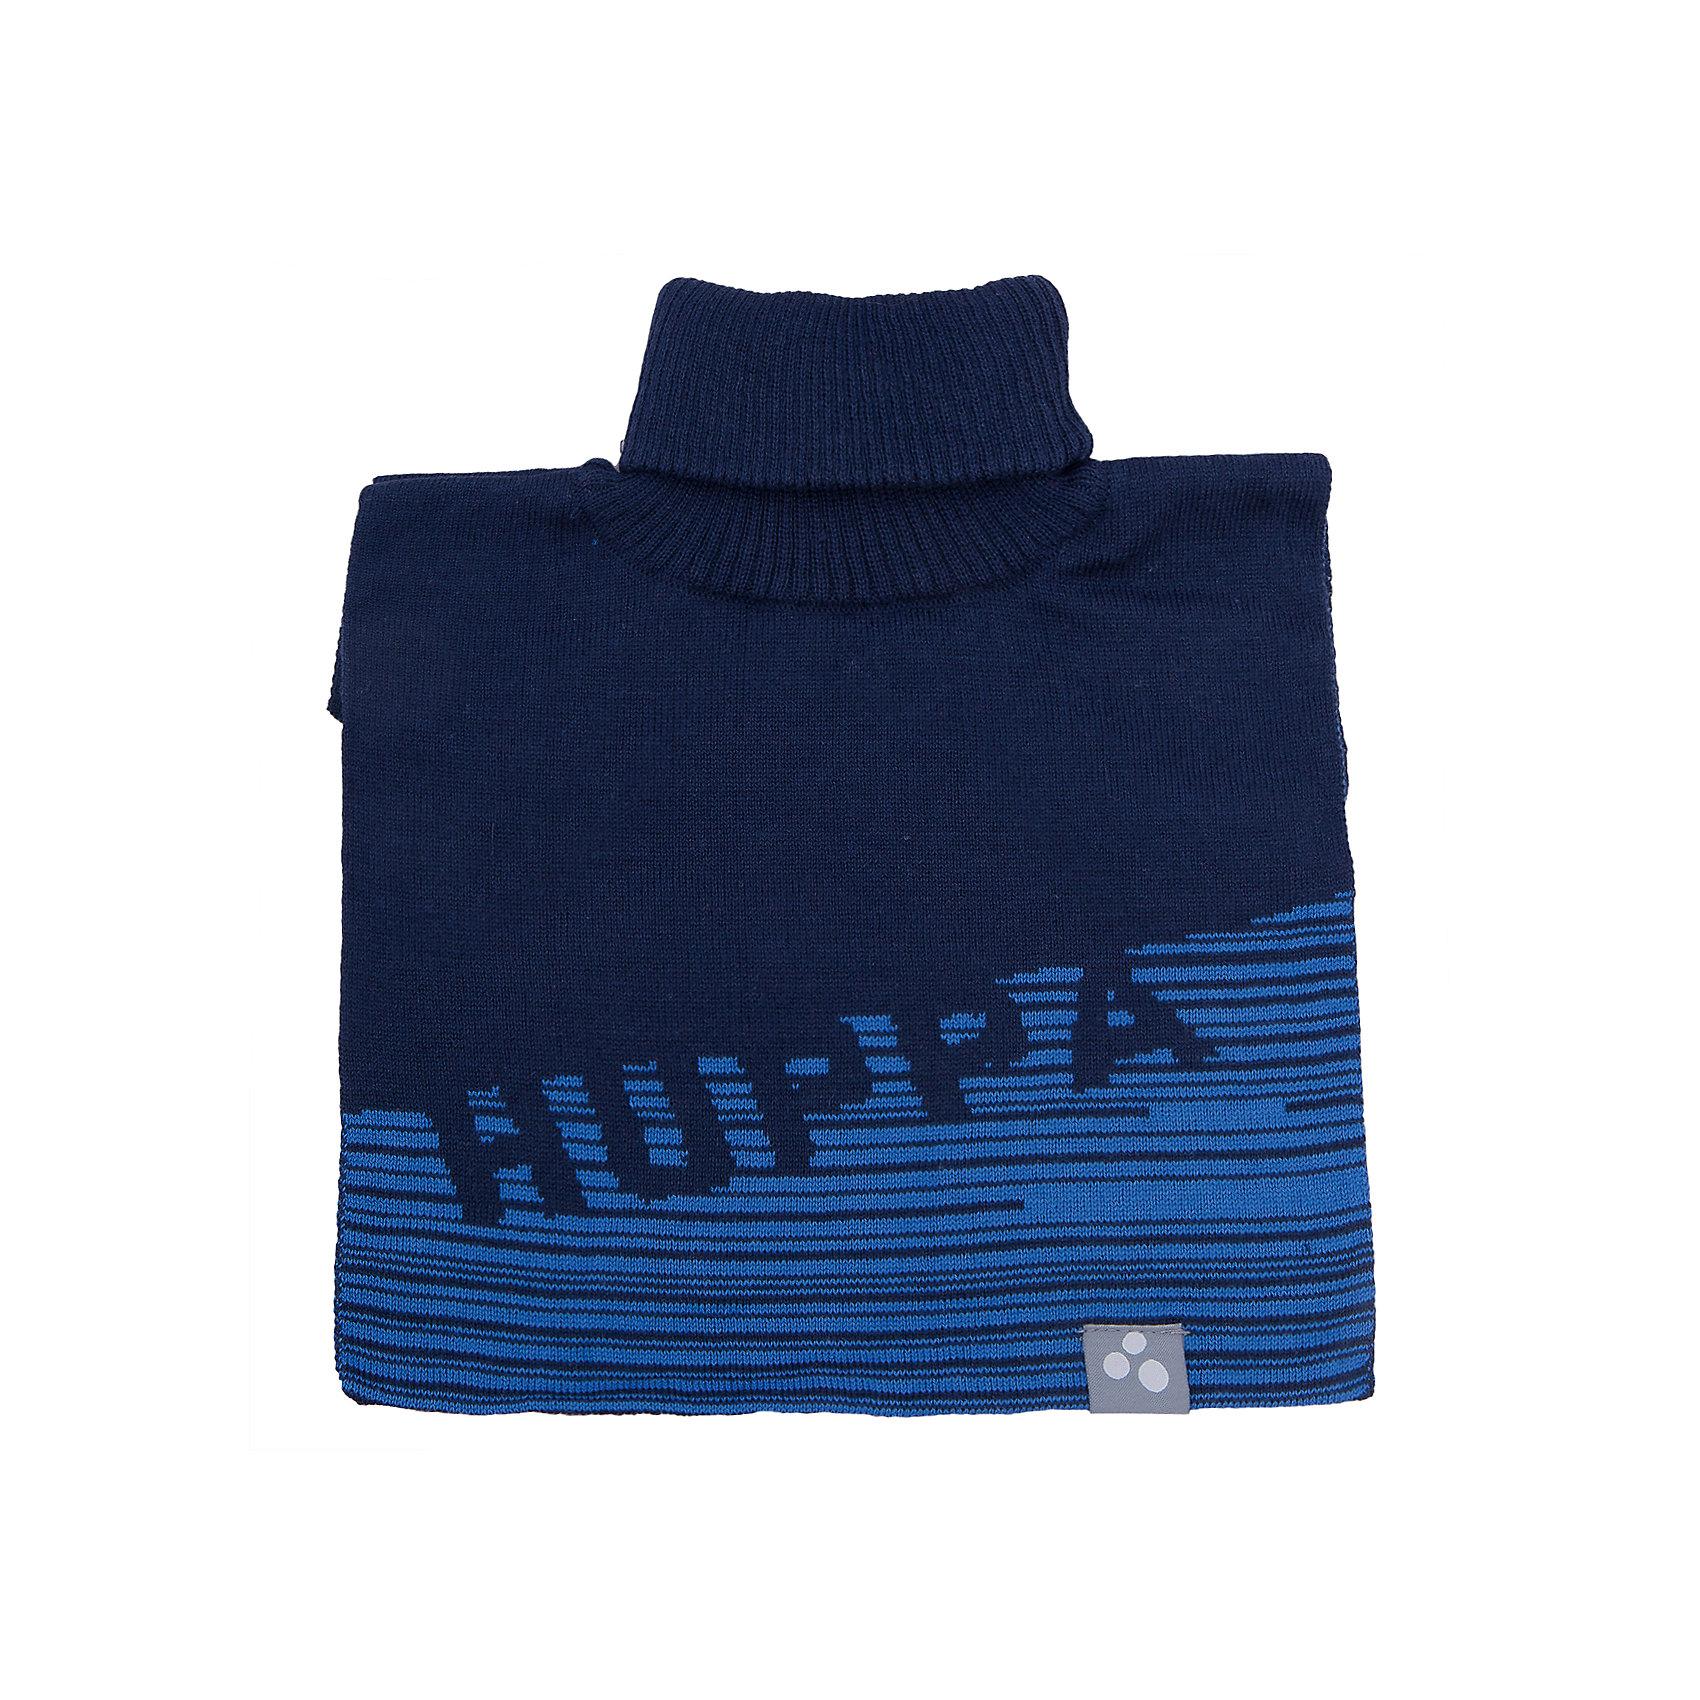 Манишка HuppaШарфы, платки<br>Манишка  GINA Huppa(Хуппа) изготовлена из шерсти мериноса и акрила, обеспечивающего тепло. Этот шарф прекрасно защитит шею ребенка от ветра и мороза. Украшен рисунком HUPPA и отлично подойдет к гардеробу ребенка.<br><br>Дополнительная информация:<br>Материал: 50% шерсть мериноса, 50% акрил<br>Подкладка: хлопок<br>Цвет: синий/темно-синий<br><br>Вы можете приобрести шарф-воротник GINA Huppa(Хуппа) в нашем интернет-магазине.<br><br>Ширина мм: 88<br>Глубина мм: 155<br>Высота мм: 26<br>Вес г: 106<br>Цвет: синий<br>Возраст от месяцев: 12<br>Возраст до месяцев: 24<br>Пол: Унисекс<br>Возраст: Детский<br>Размер: 47-49,55-57<br>SKU: 4923940